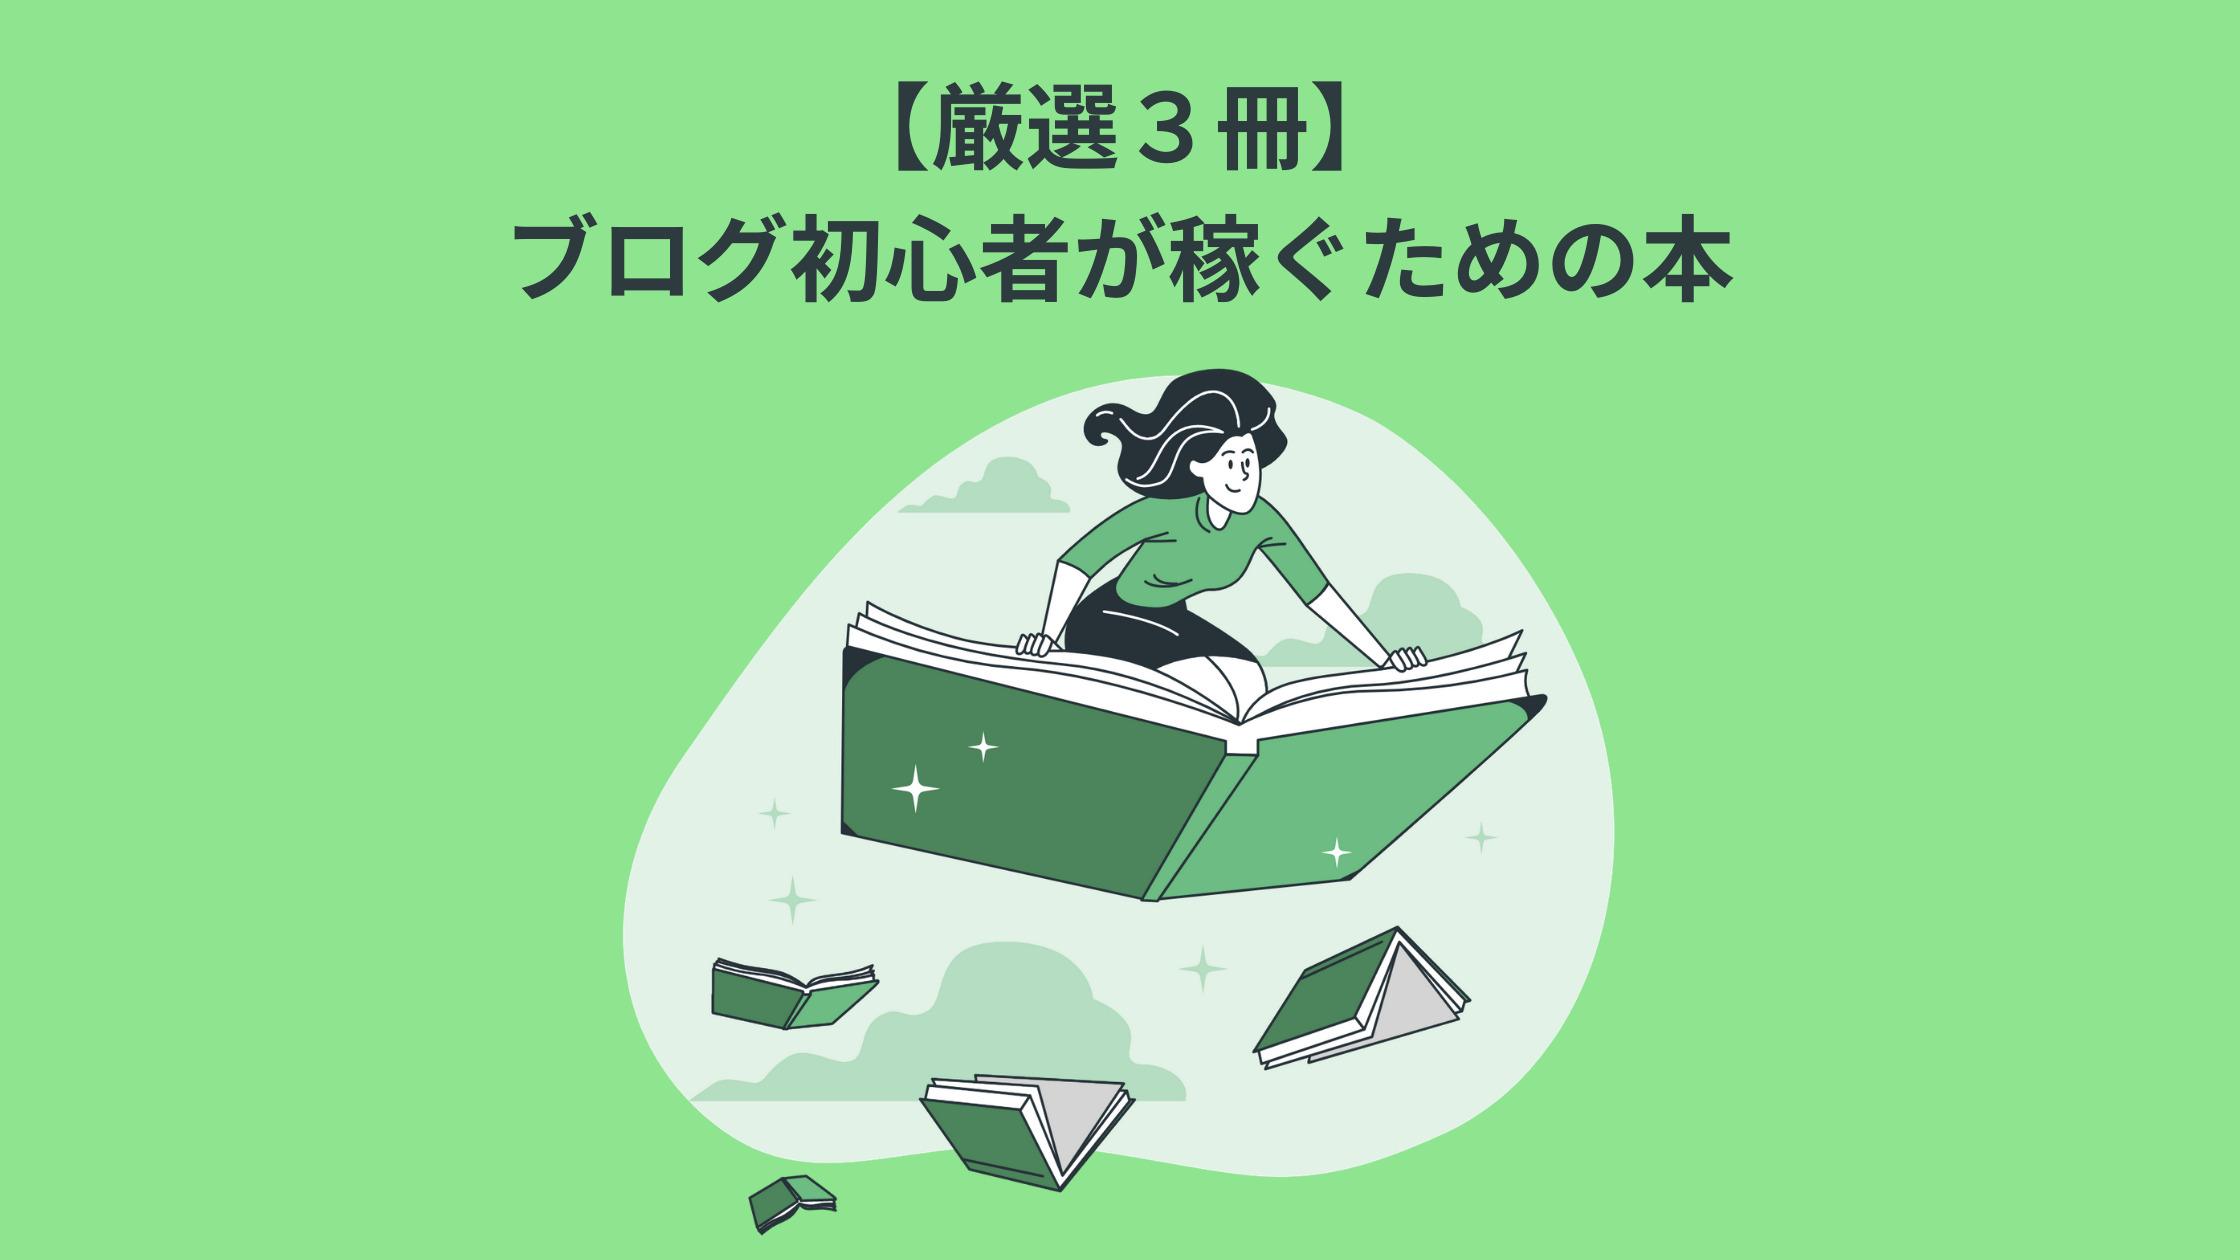 【厳選3冊】 ブログ初心者が稼ぐための本